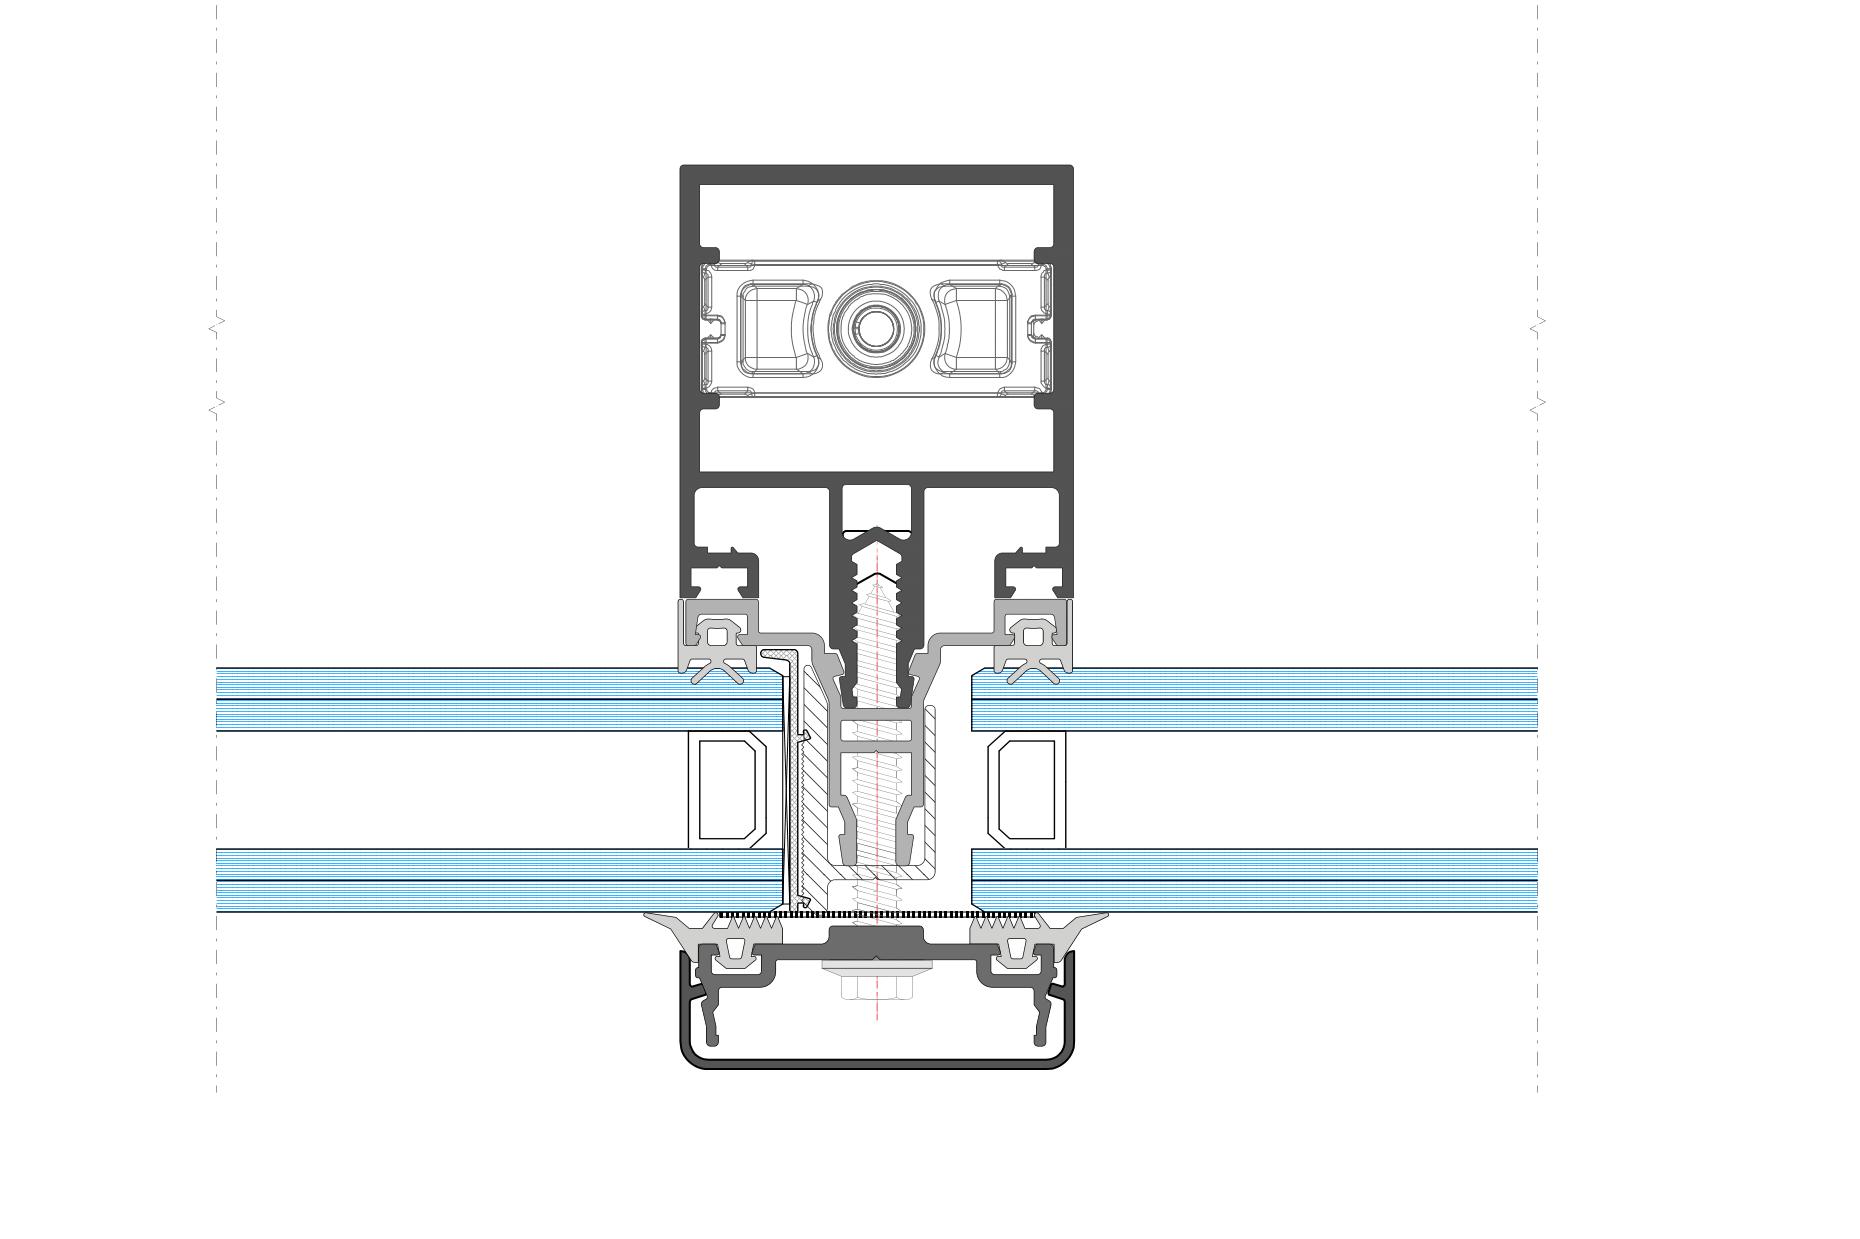 EW500 Sezione DIDA V 01-1